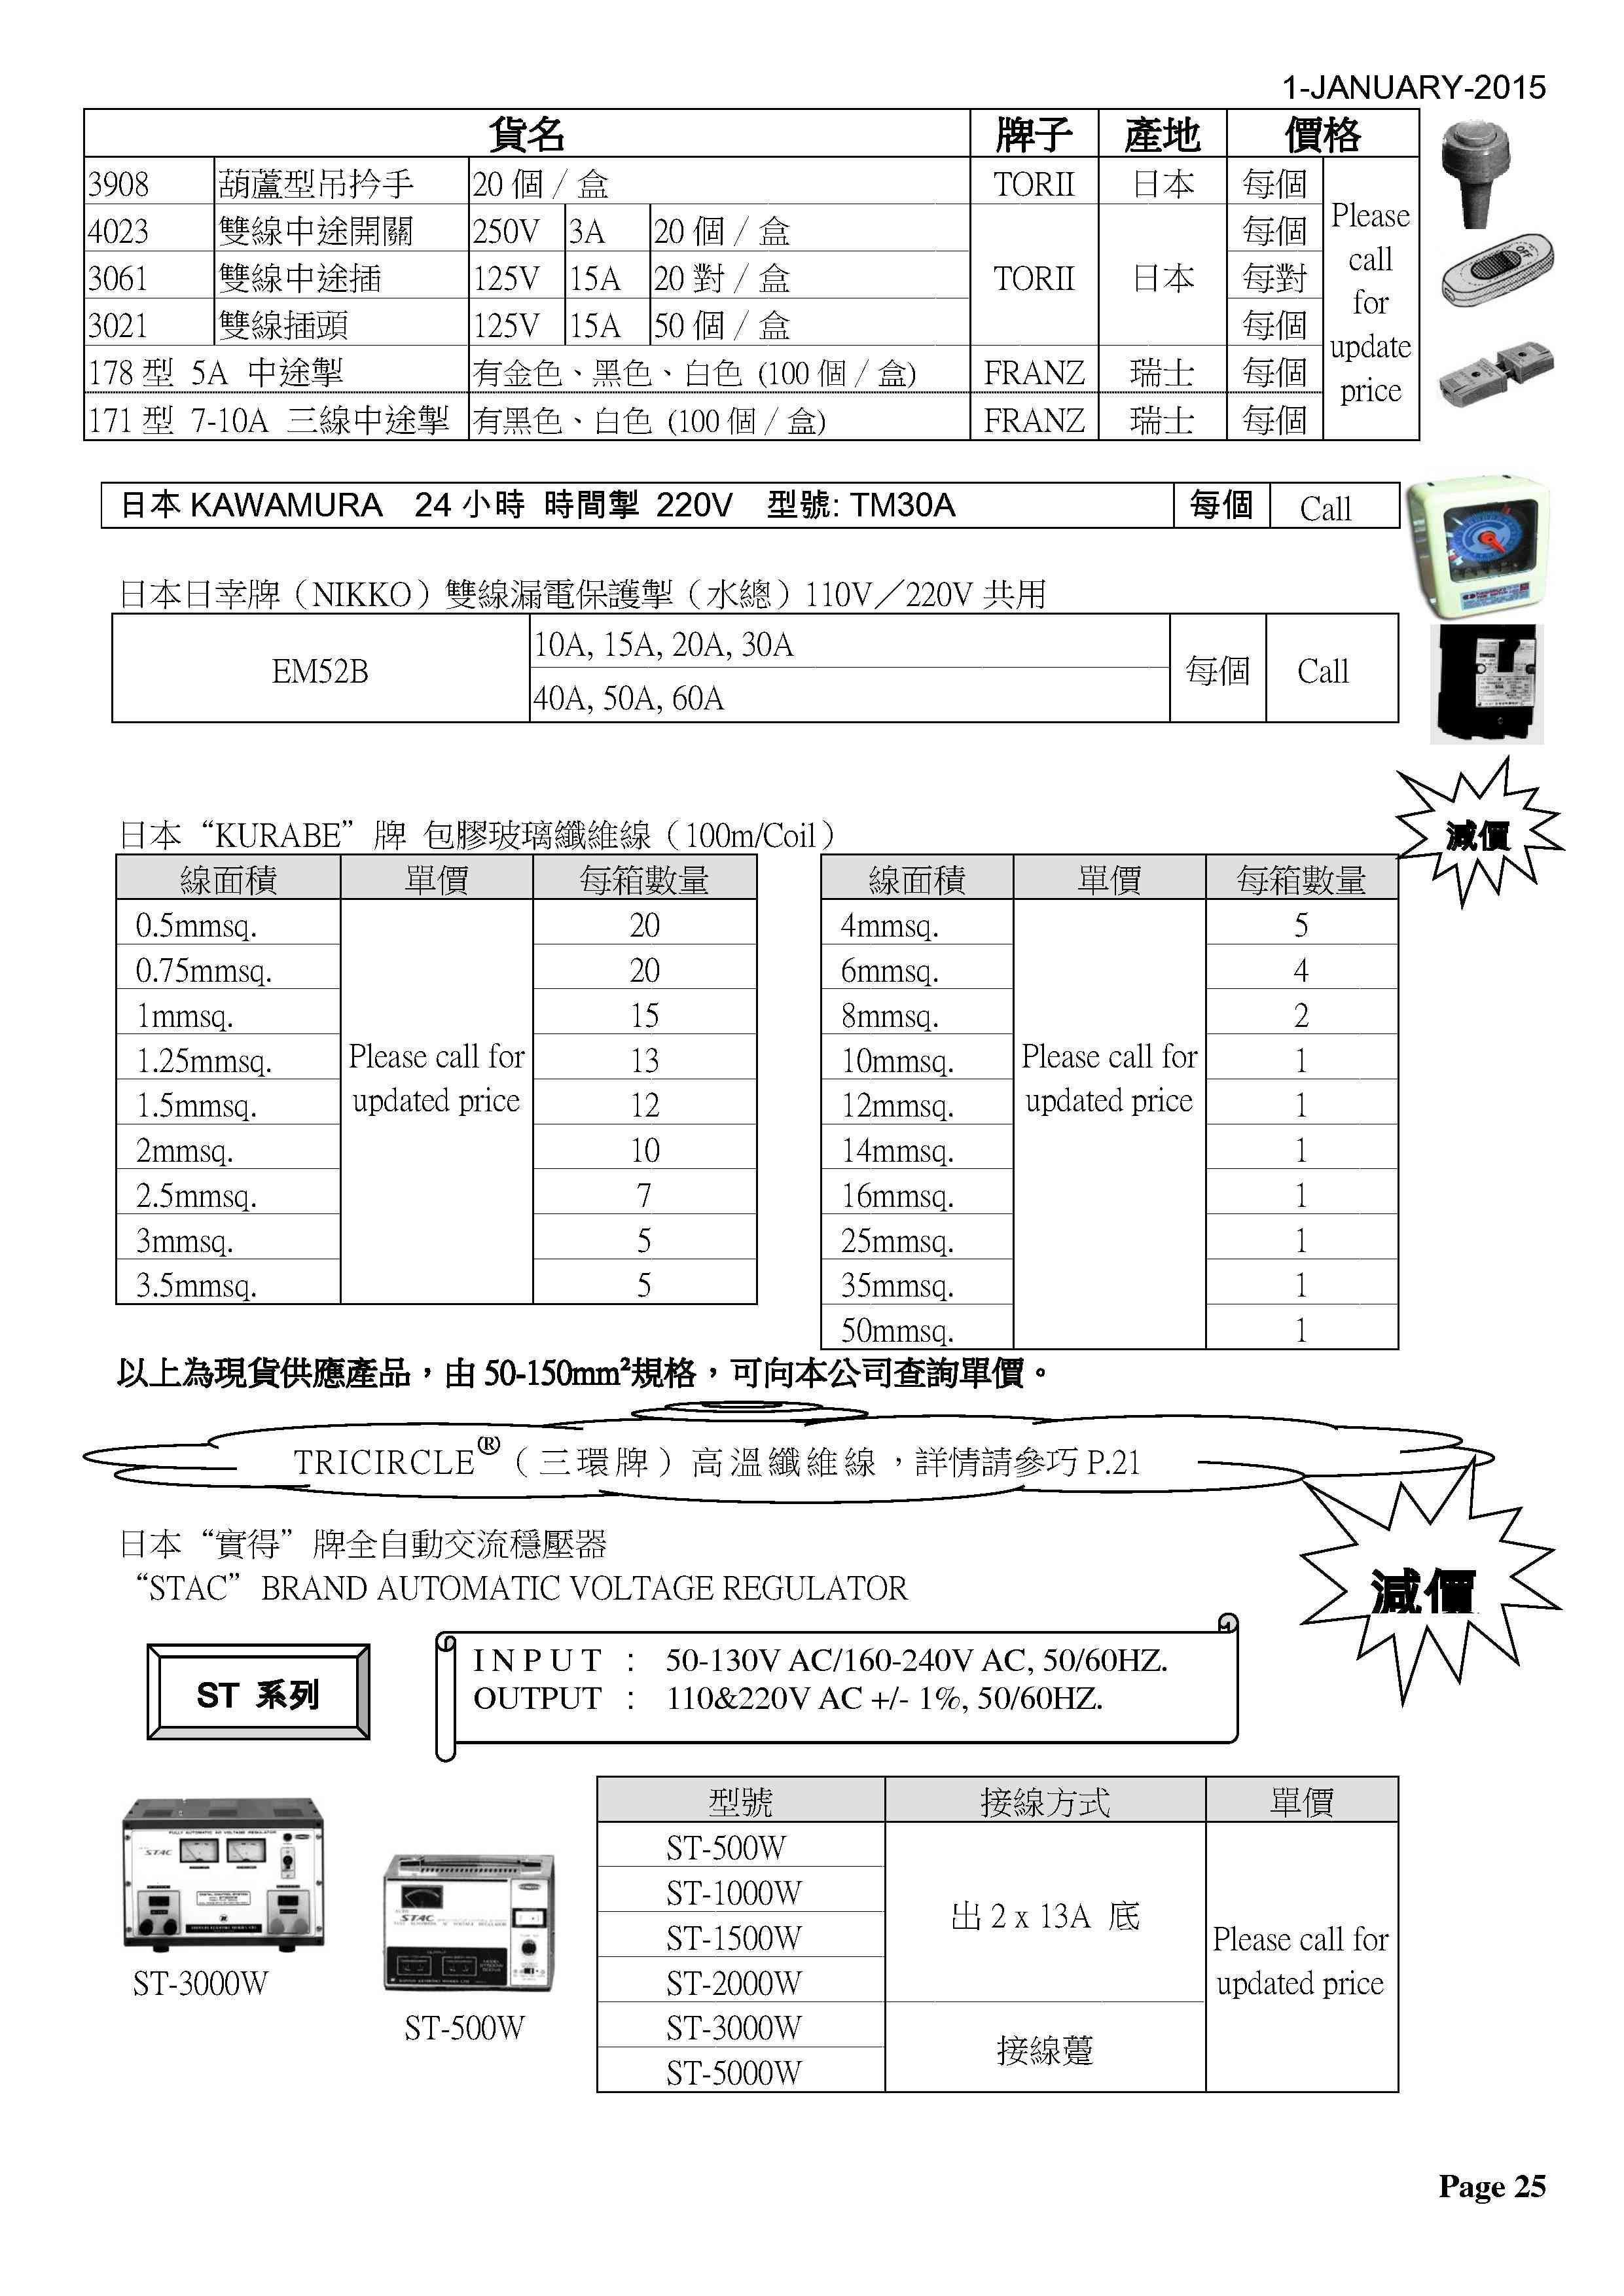 P25 - 日本產品1